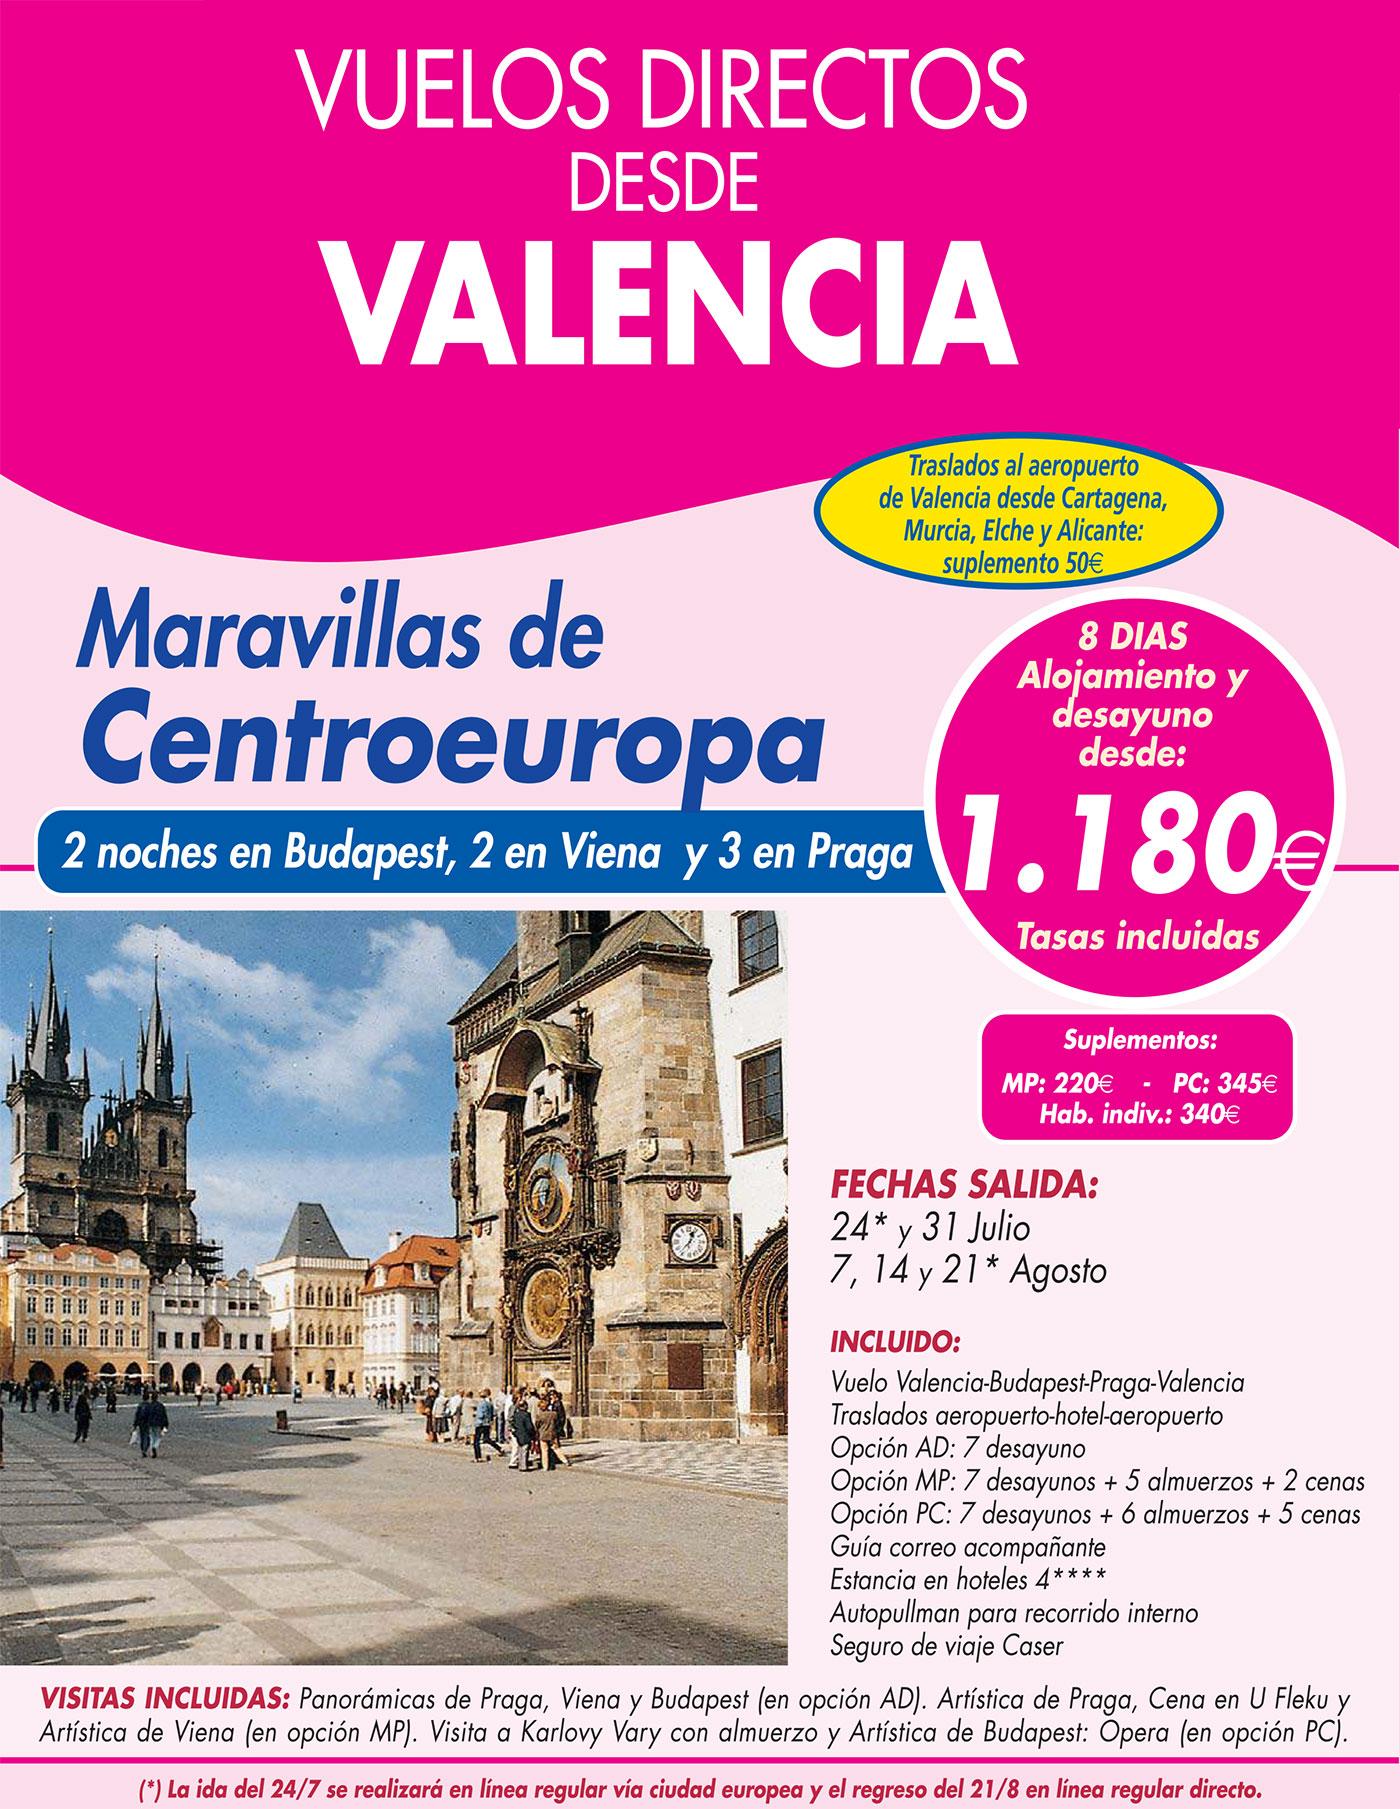 Información del vuelo Valencia-Praga